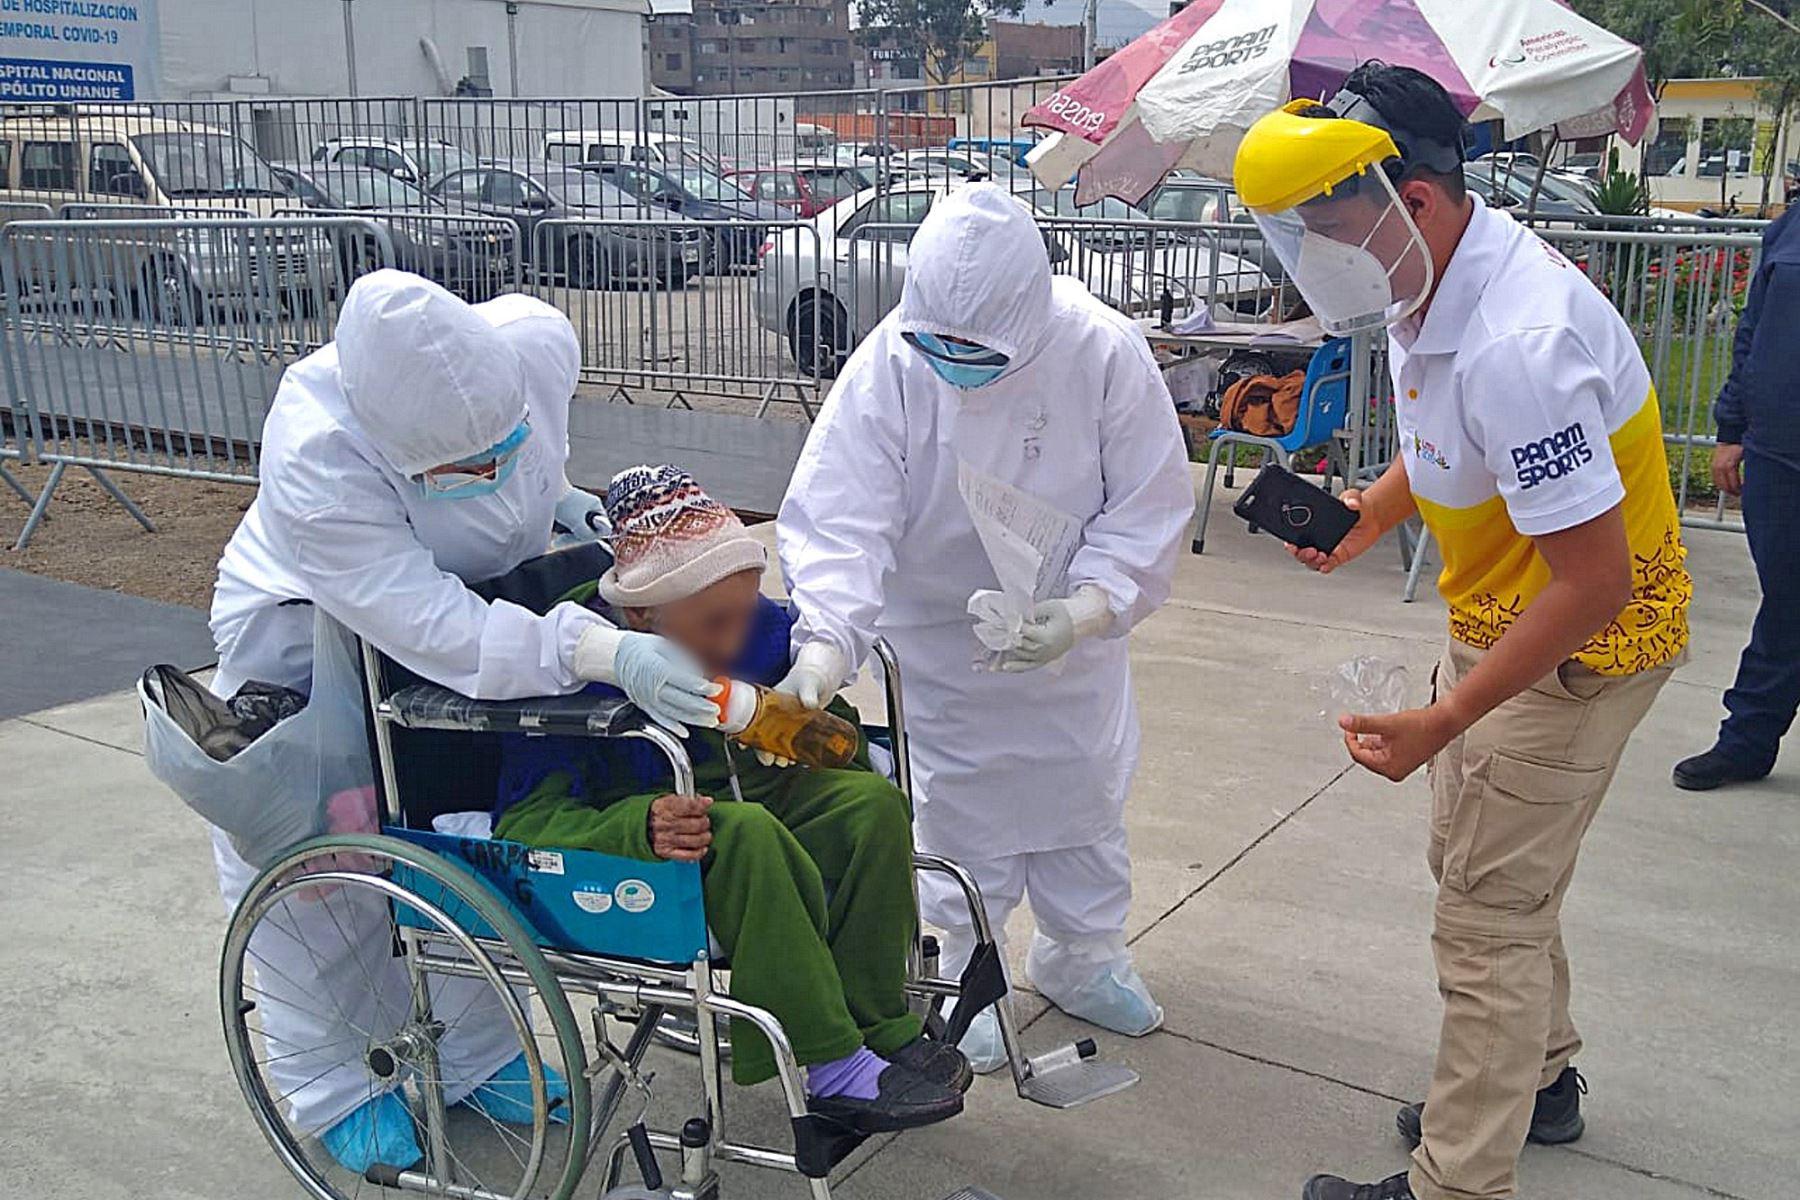 Salió entre aplausos del personal médico y familiares del Centro de Atención y Aislamiento Temporal (CAAT) implementado por el Proyecto Especial Legado Juegos Panamericanos y Paraparanamericanos, en el Hospital Hipólito Unanue de El Agustino, luego de una semana de cuidados especiales y tratamiento.  ANDINA/Proyecto Legado Lima 2019